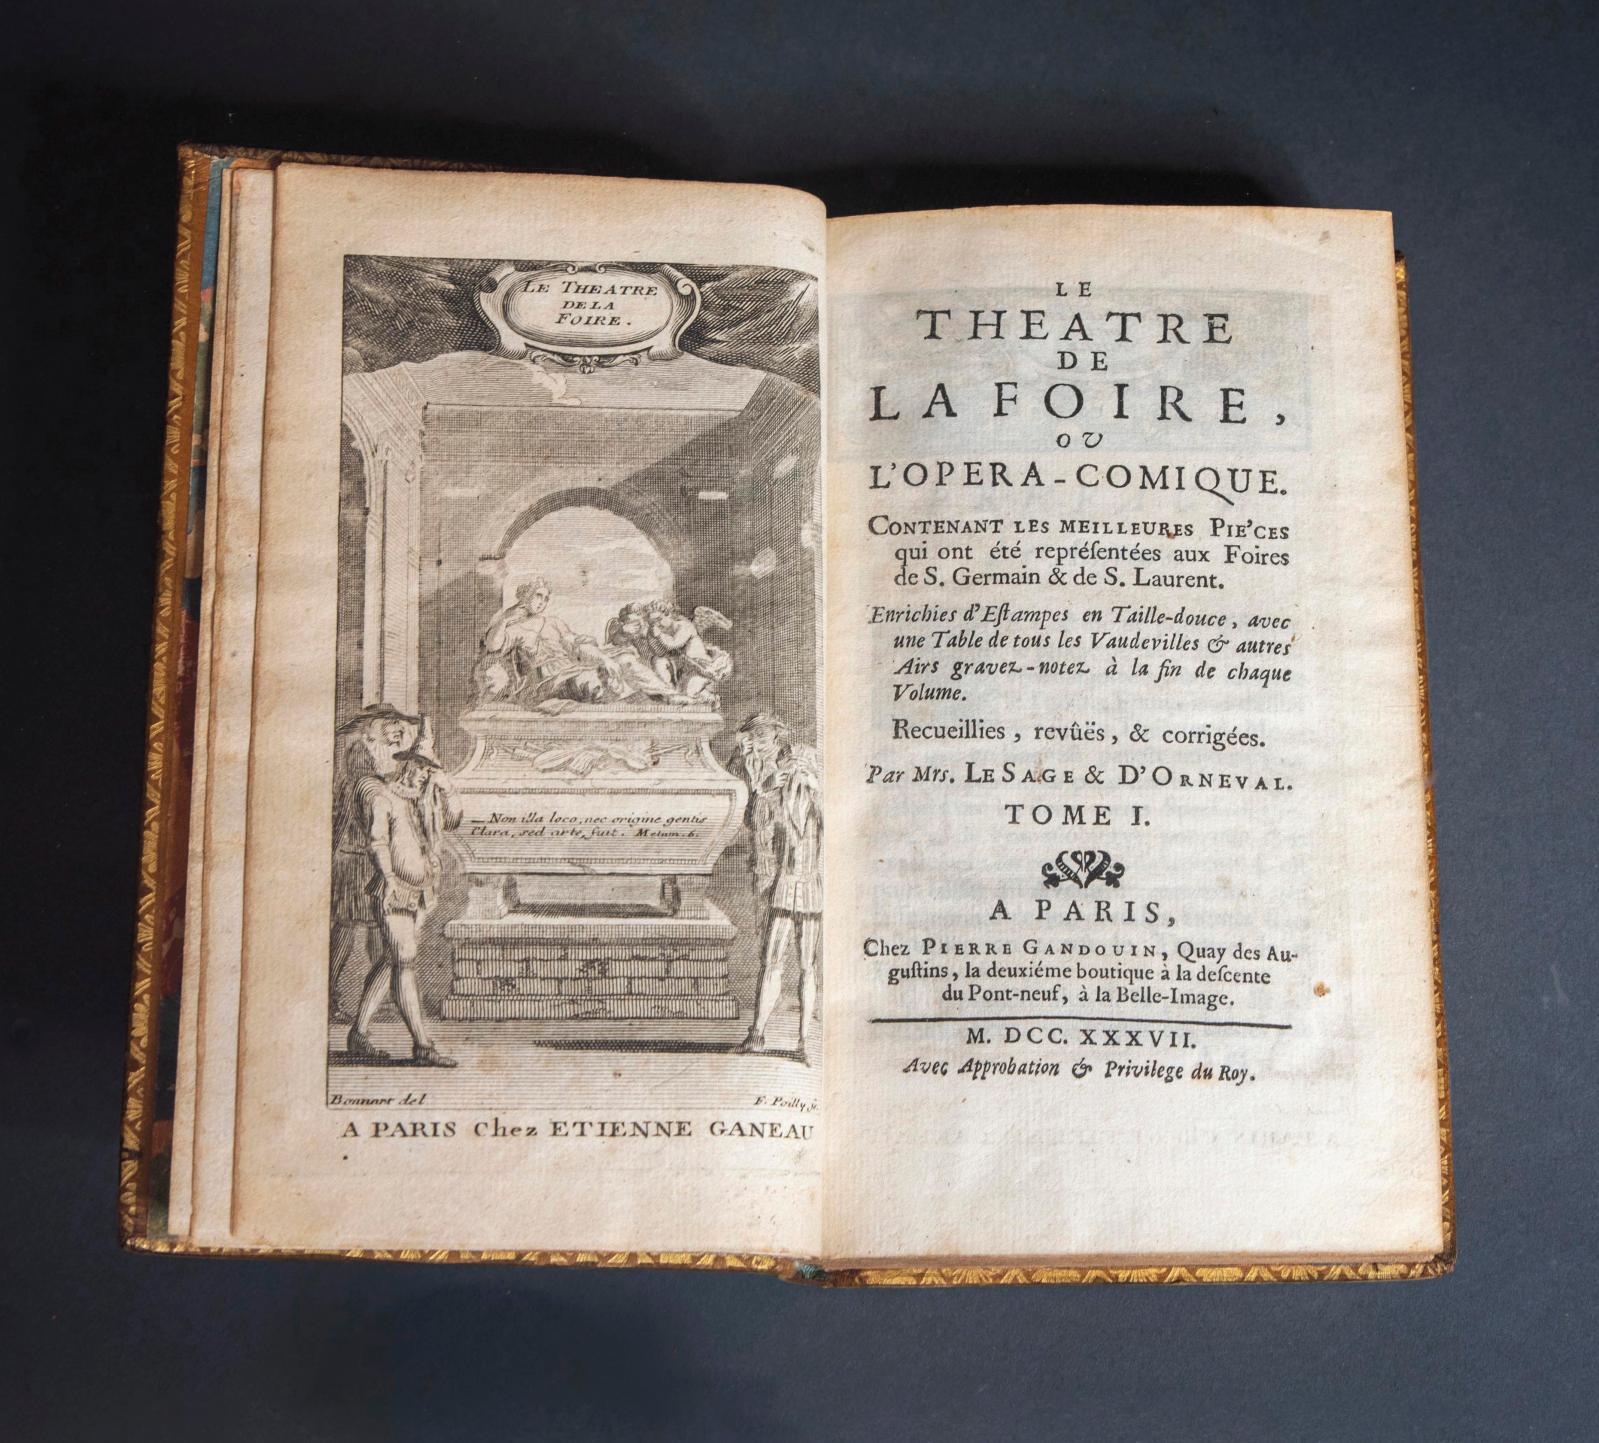 Alain-René Lesage, Jacques-Philippe d'Orneval et Louis Fuzelier,Le Théâtre de la foire ou l'Opéra-Comique. Contenant les meilleures pièce